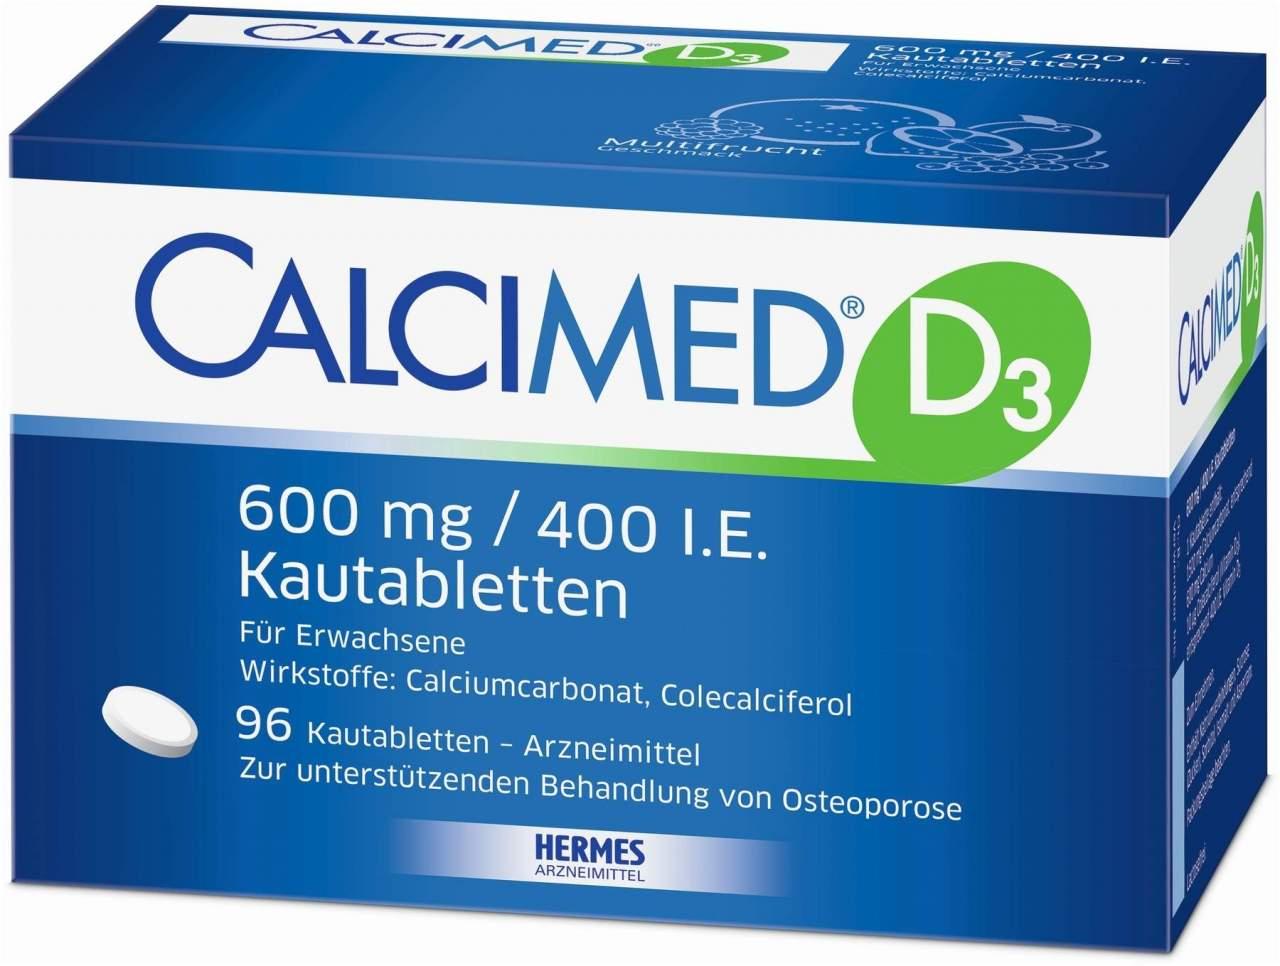 Calcimed D3 600 mg 400 I.E. 96 Kautabletten